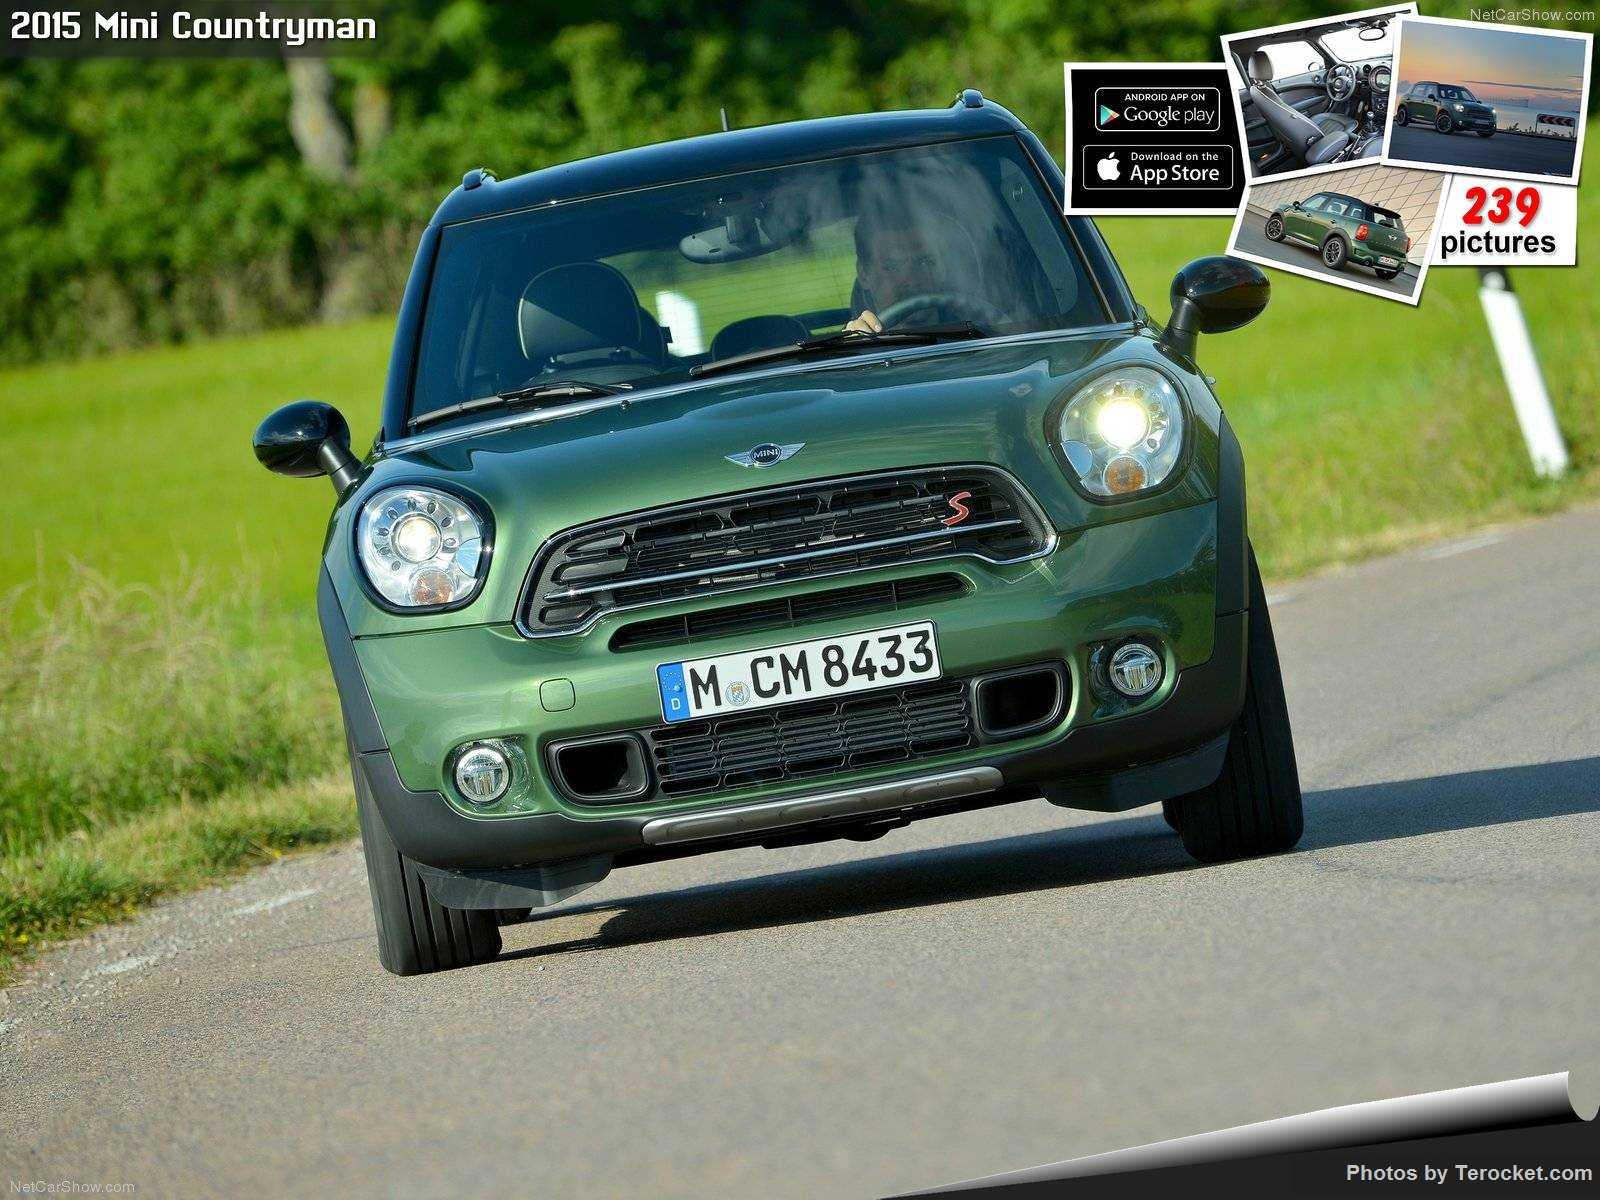 Hình ảnh xe ô tô Mini Countryman 2015 & nội ngoại thất